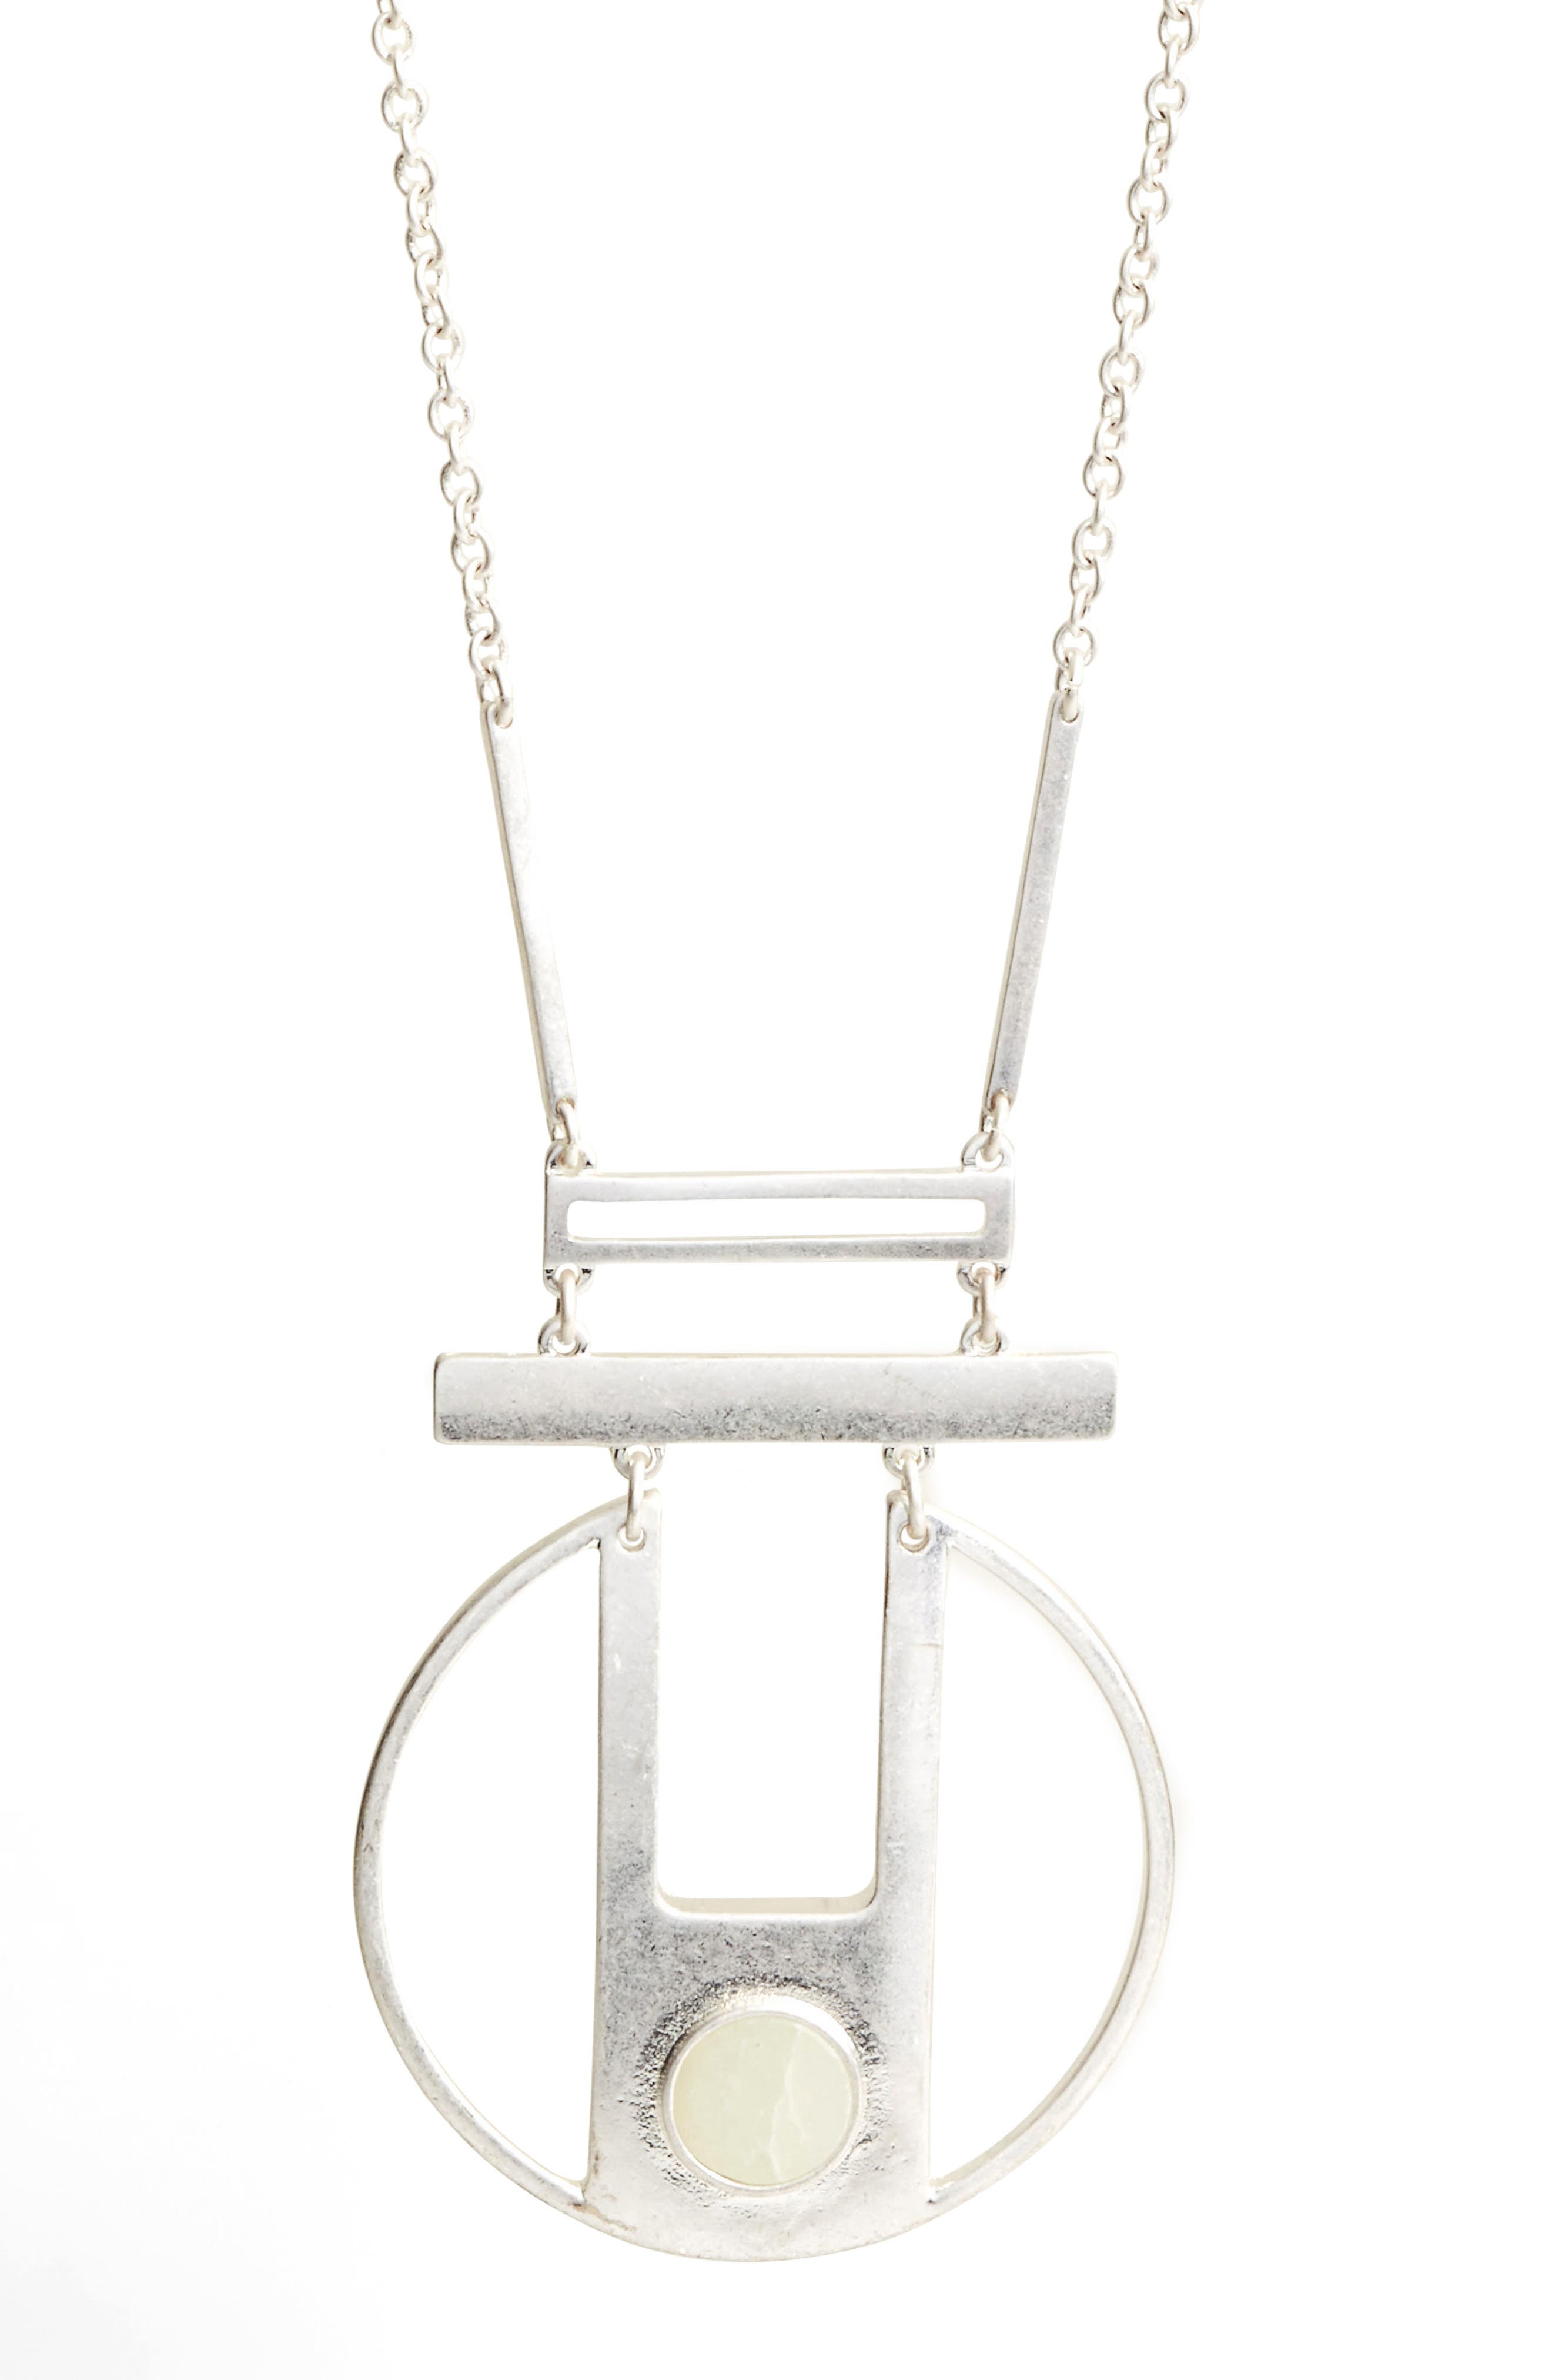 Opal Pendant Necklace,                             Alternate thumbnail 2, color,                             040